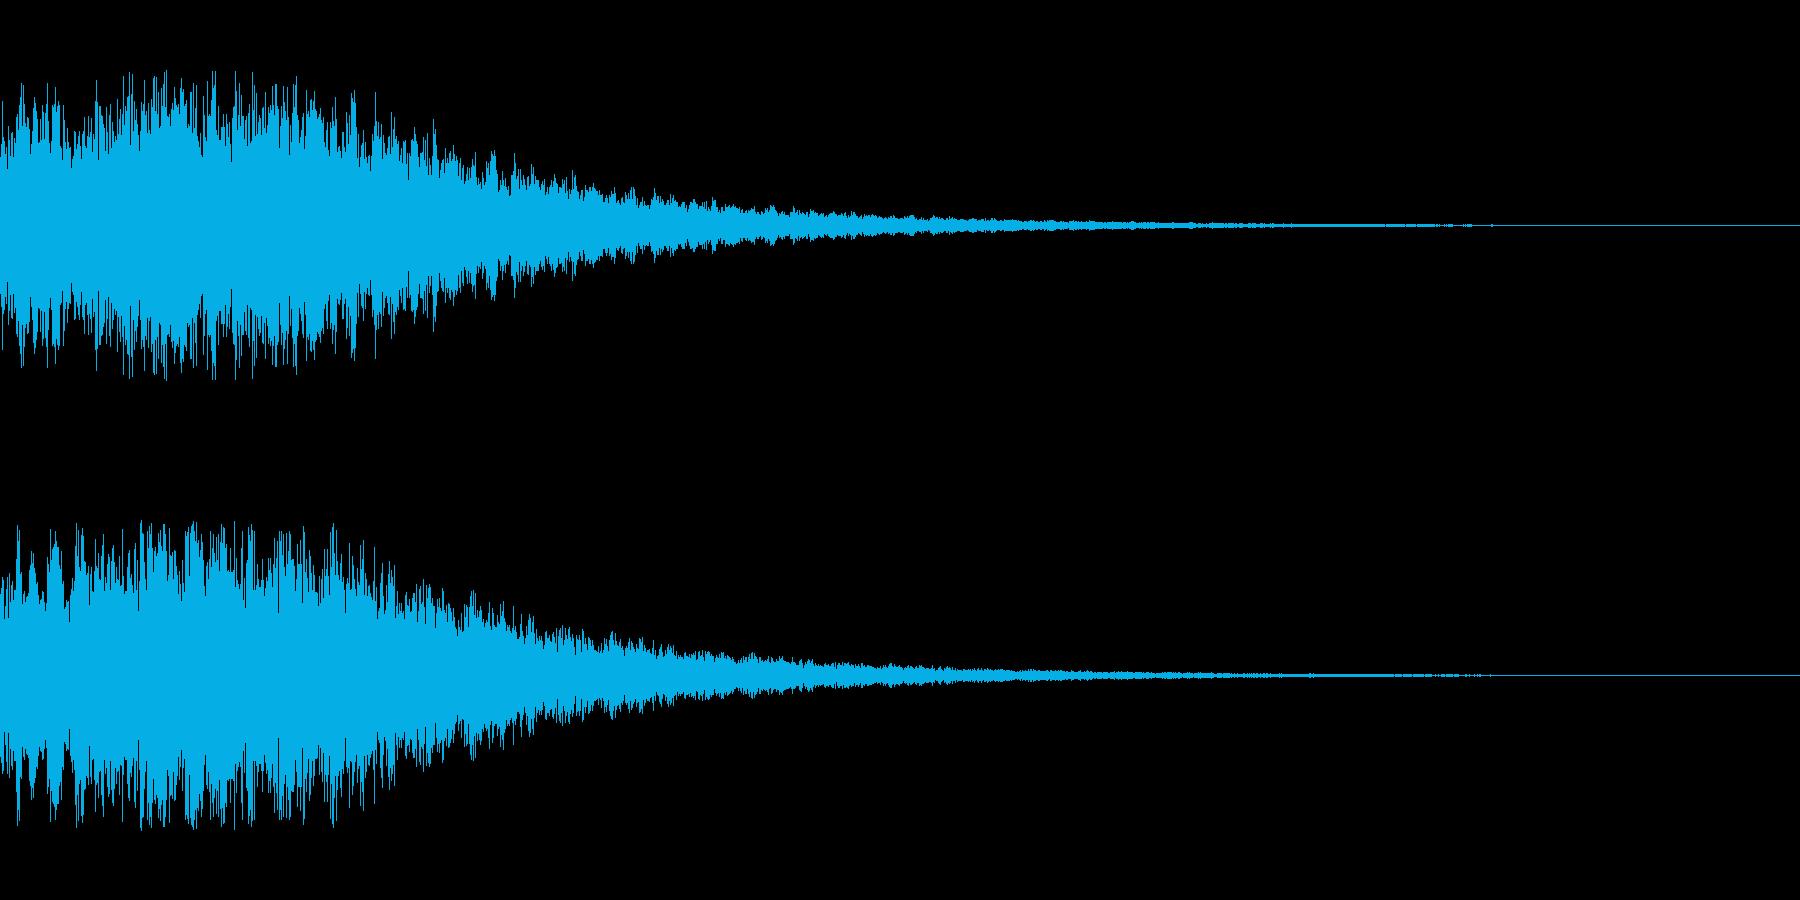 シンセサイザー ゲームスタート1の再生済みの波形